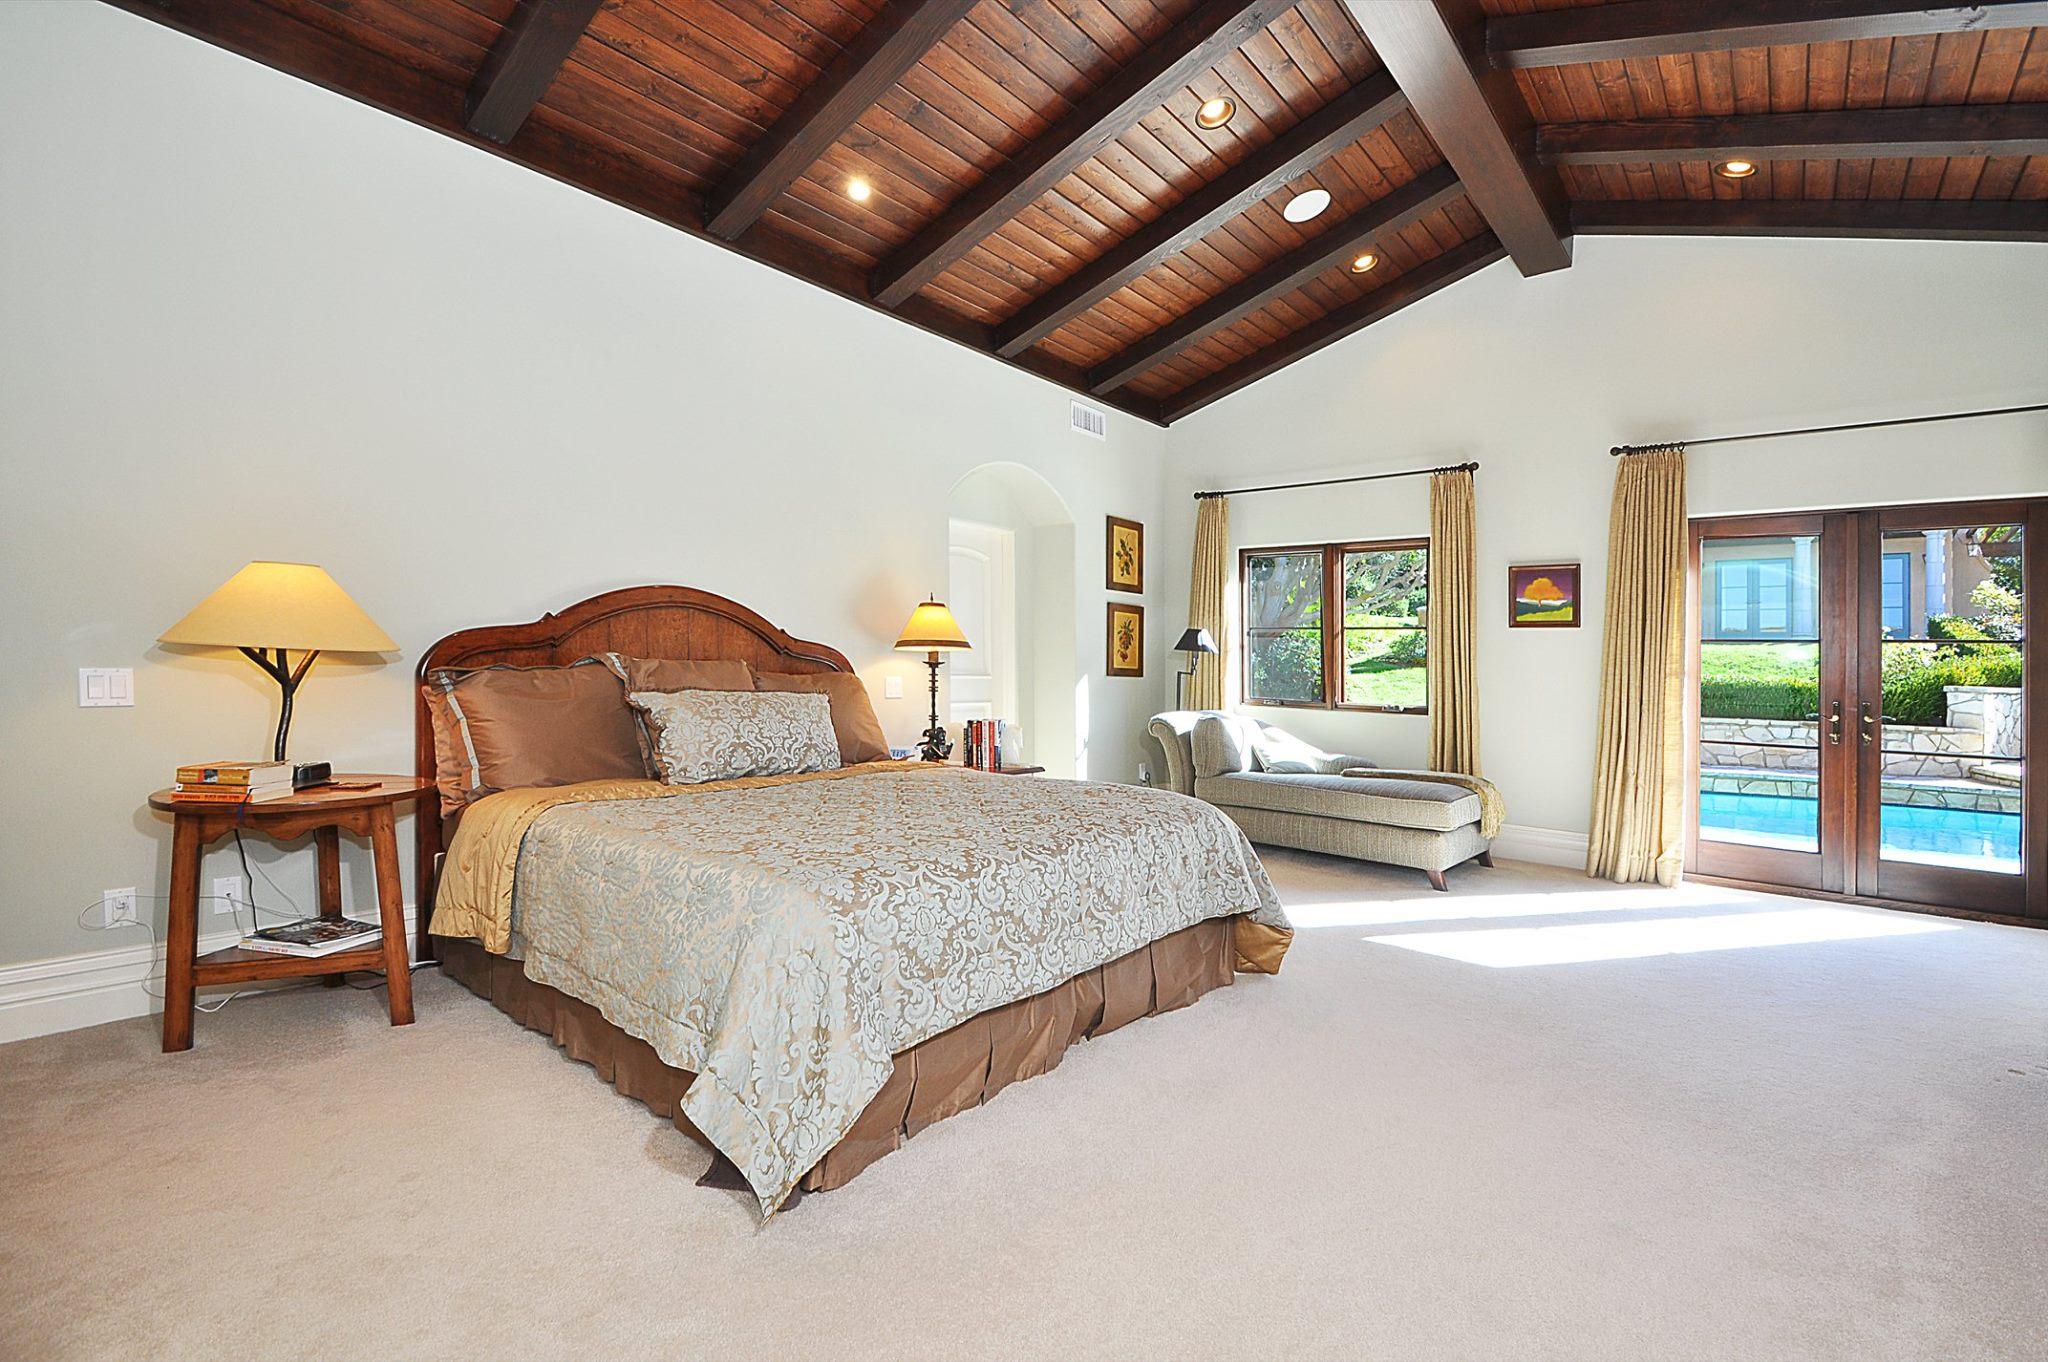 ViaArco_Bedroom.jpg